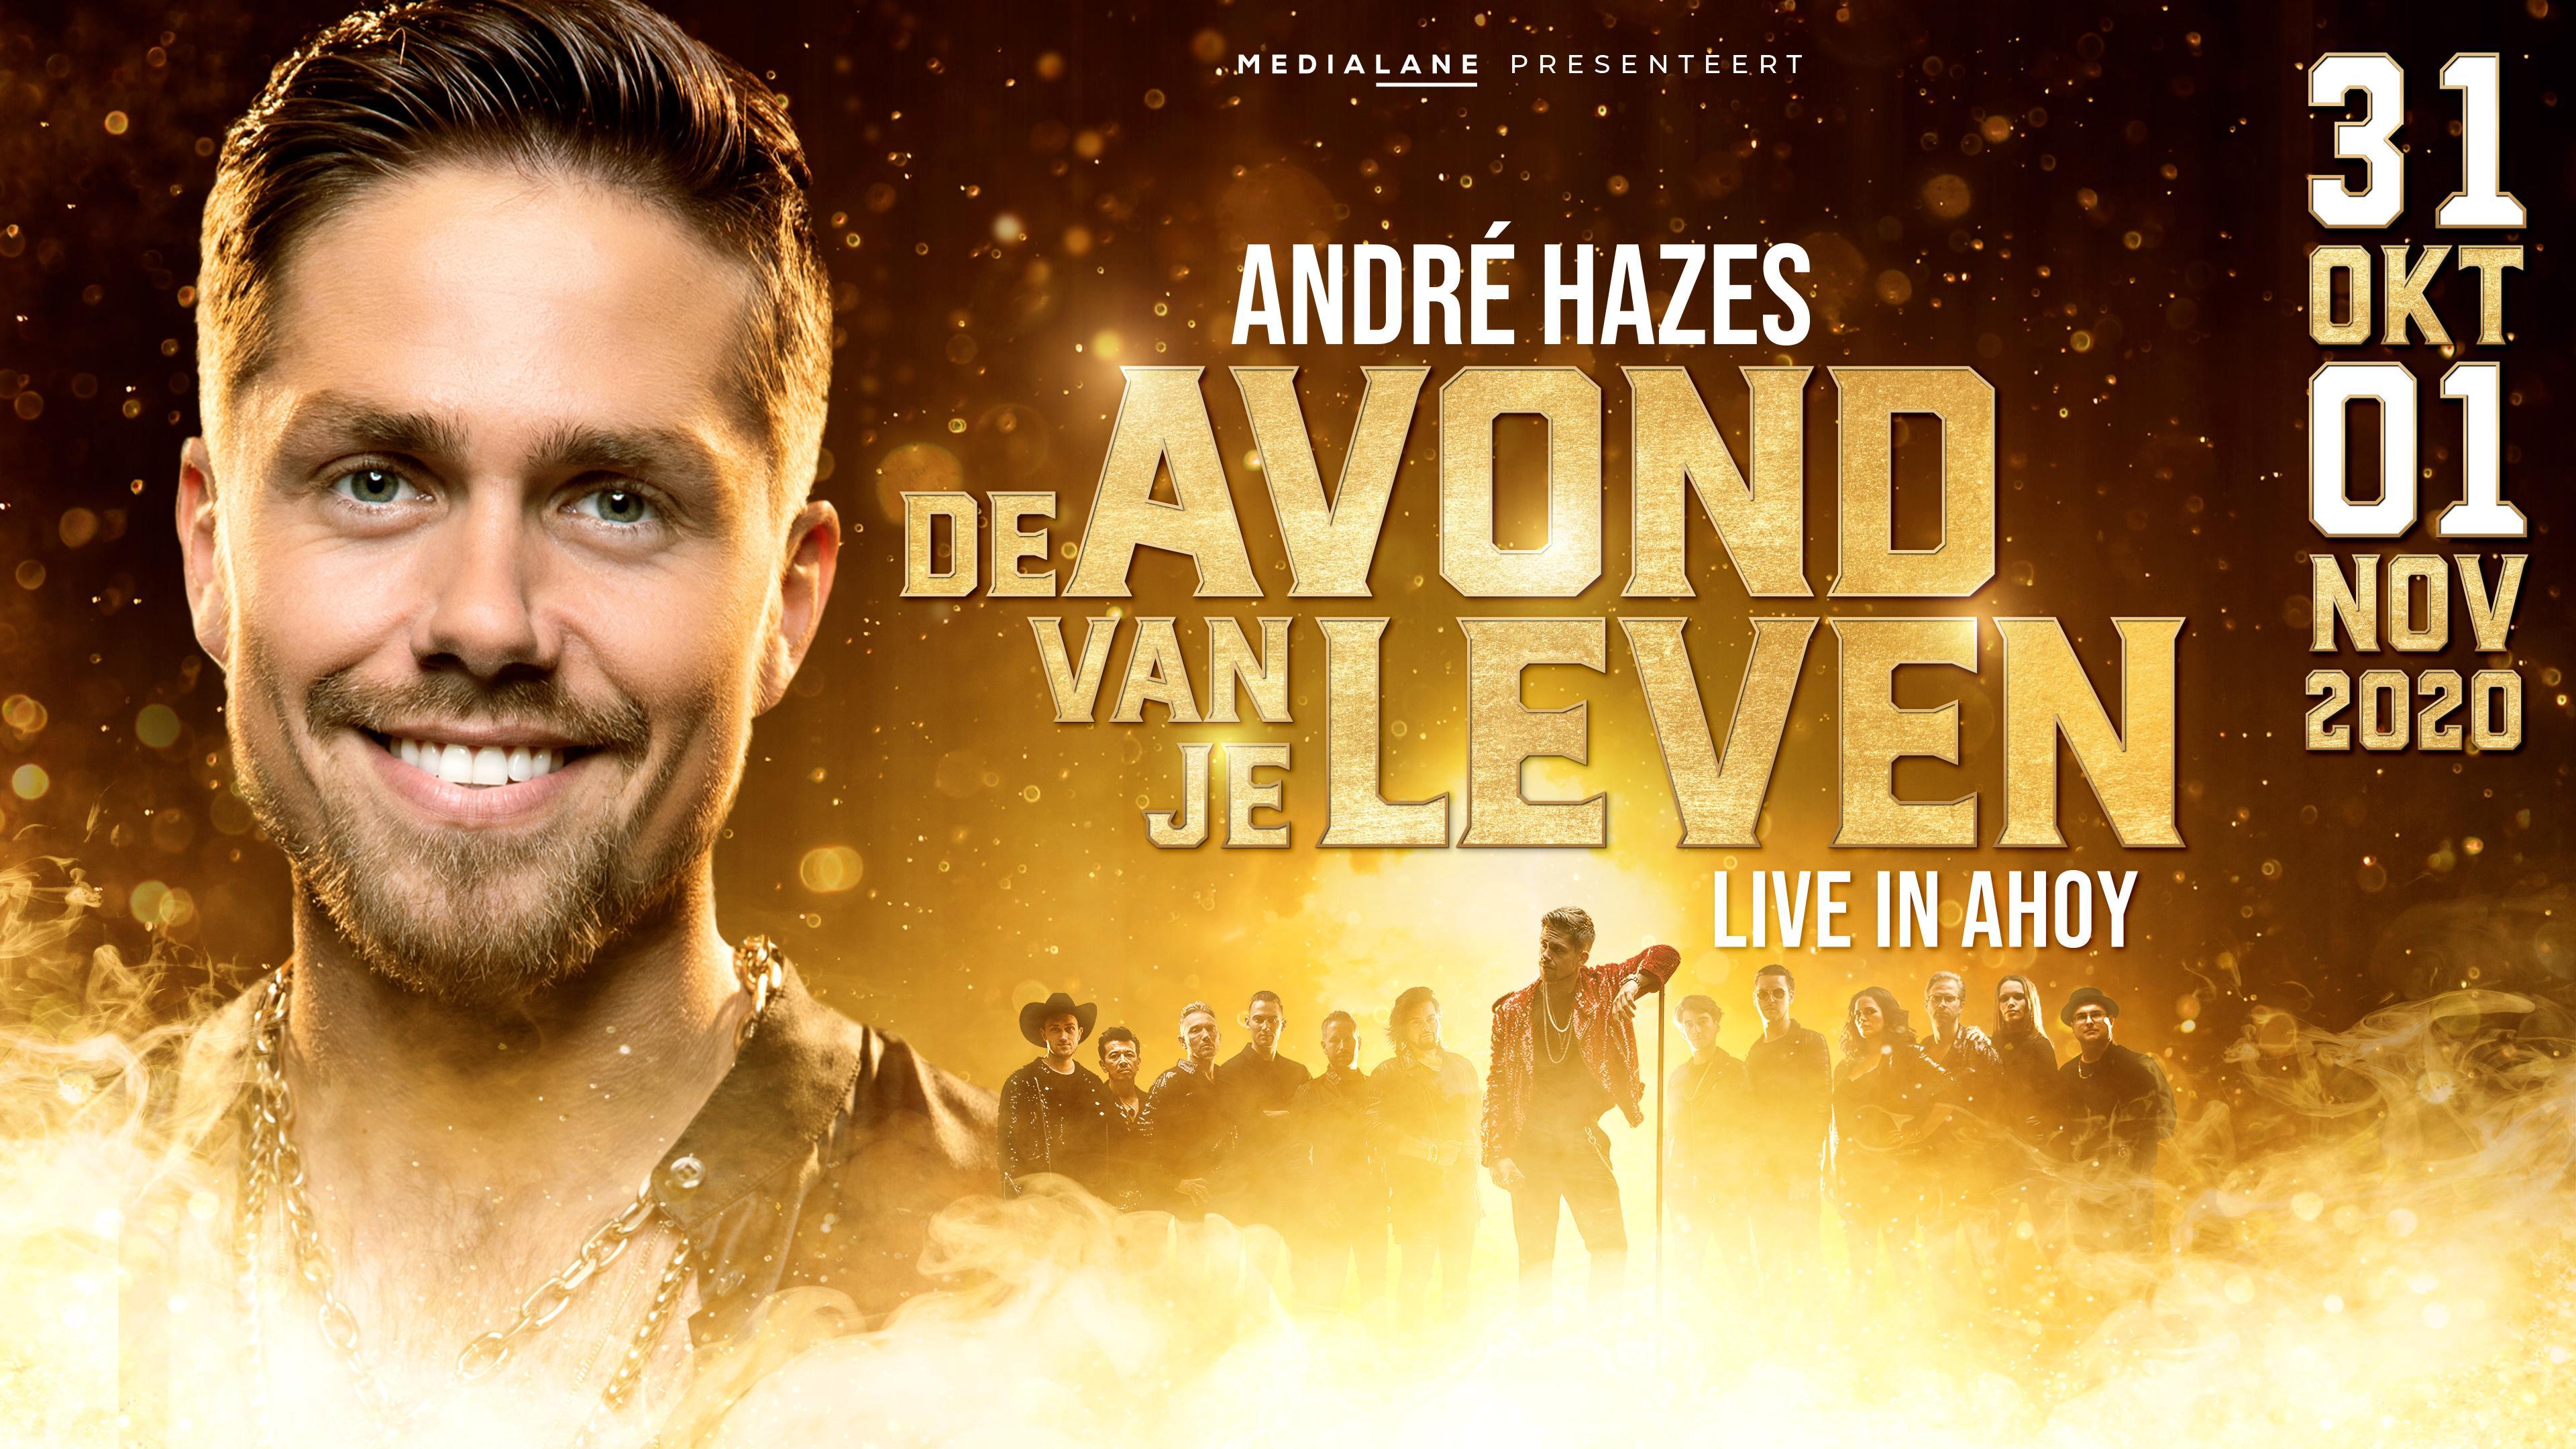 André Hazes kondigt nieuwe concertreeks in 2020 aan